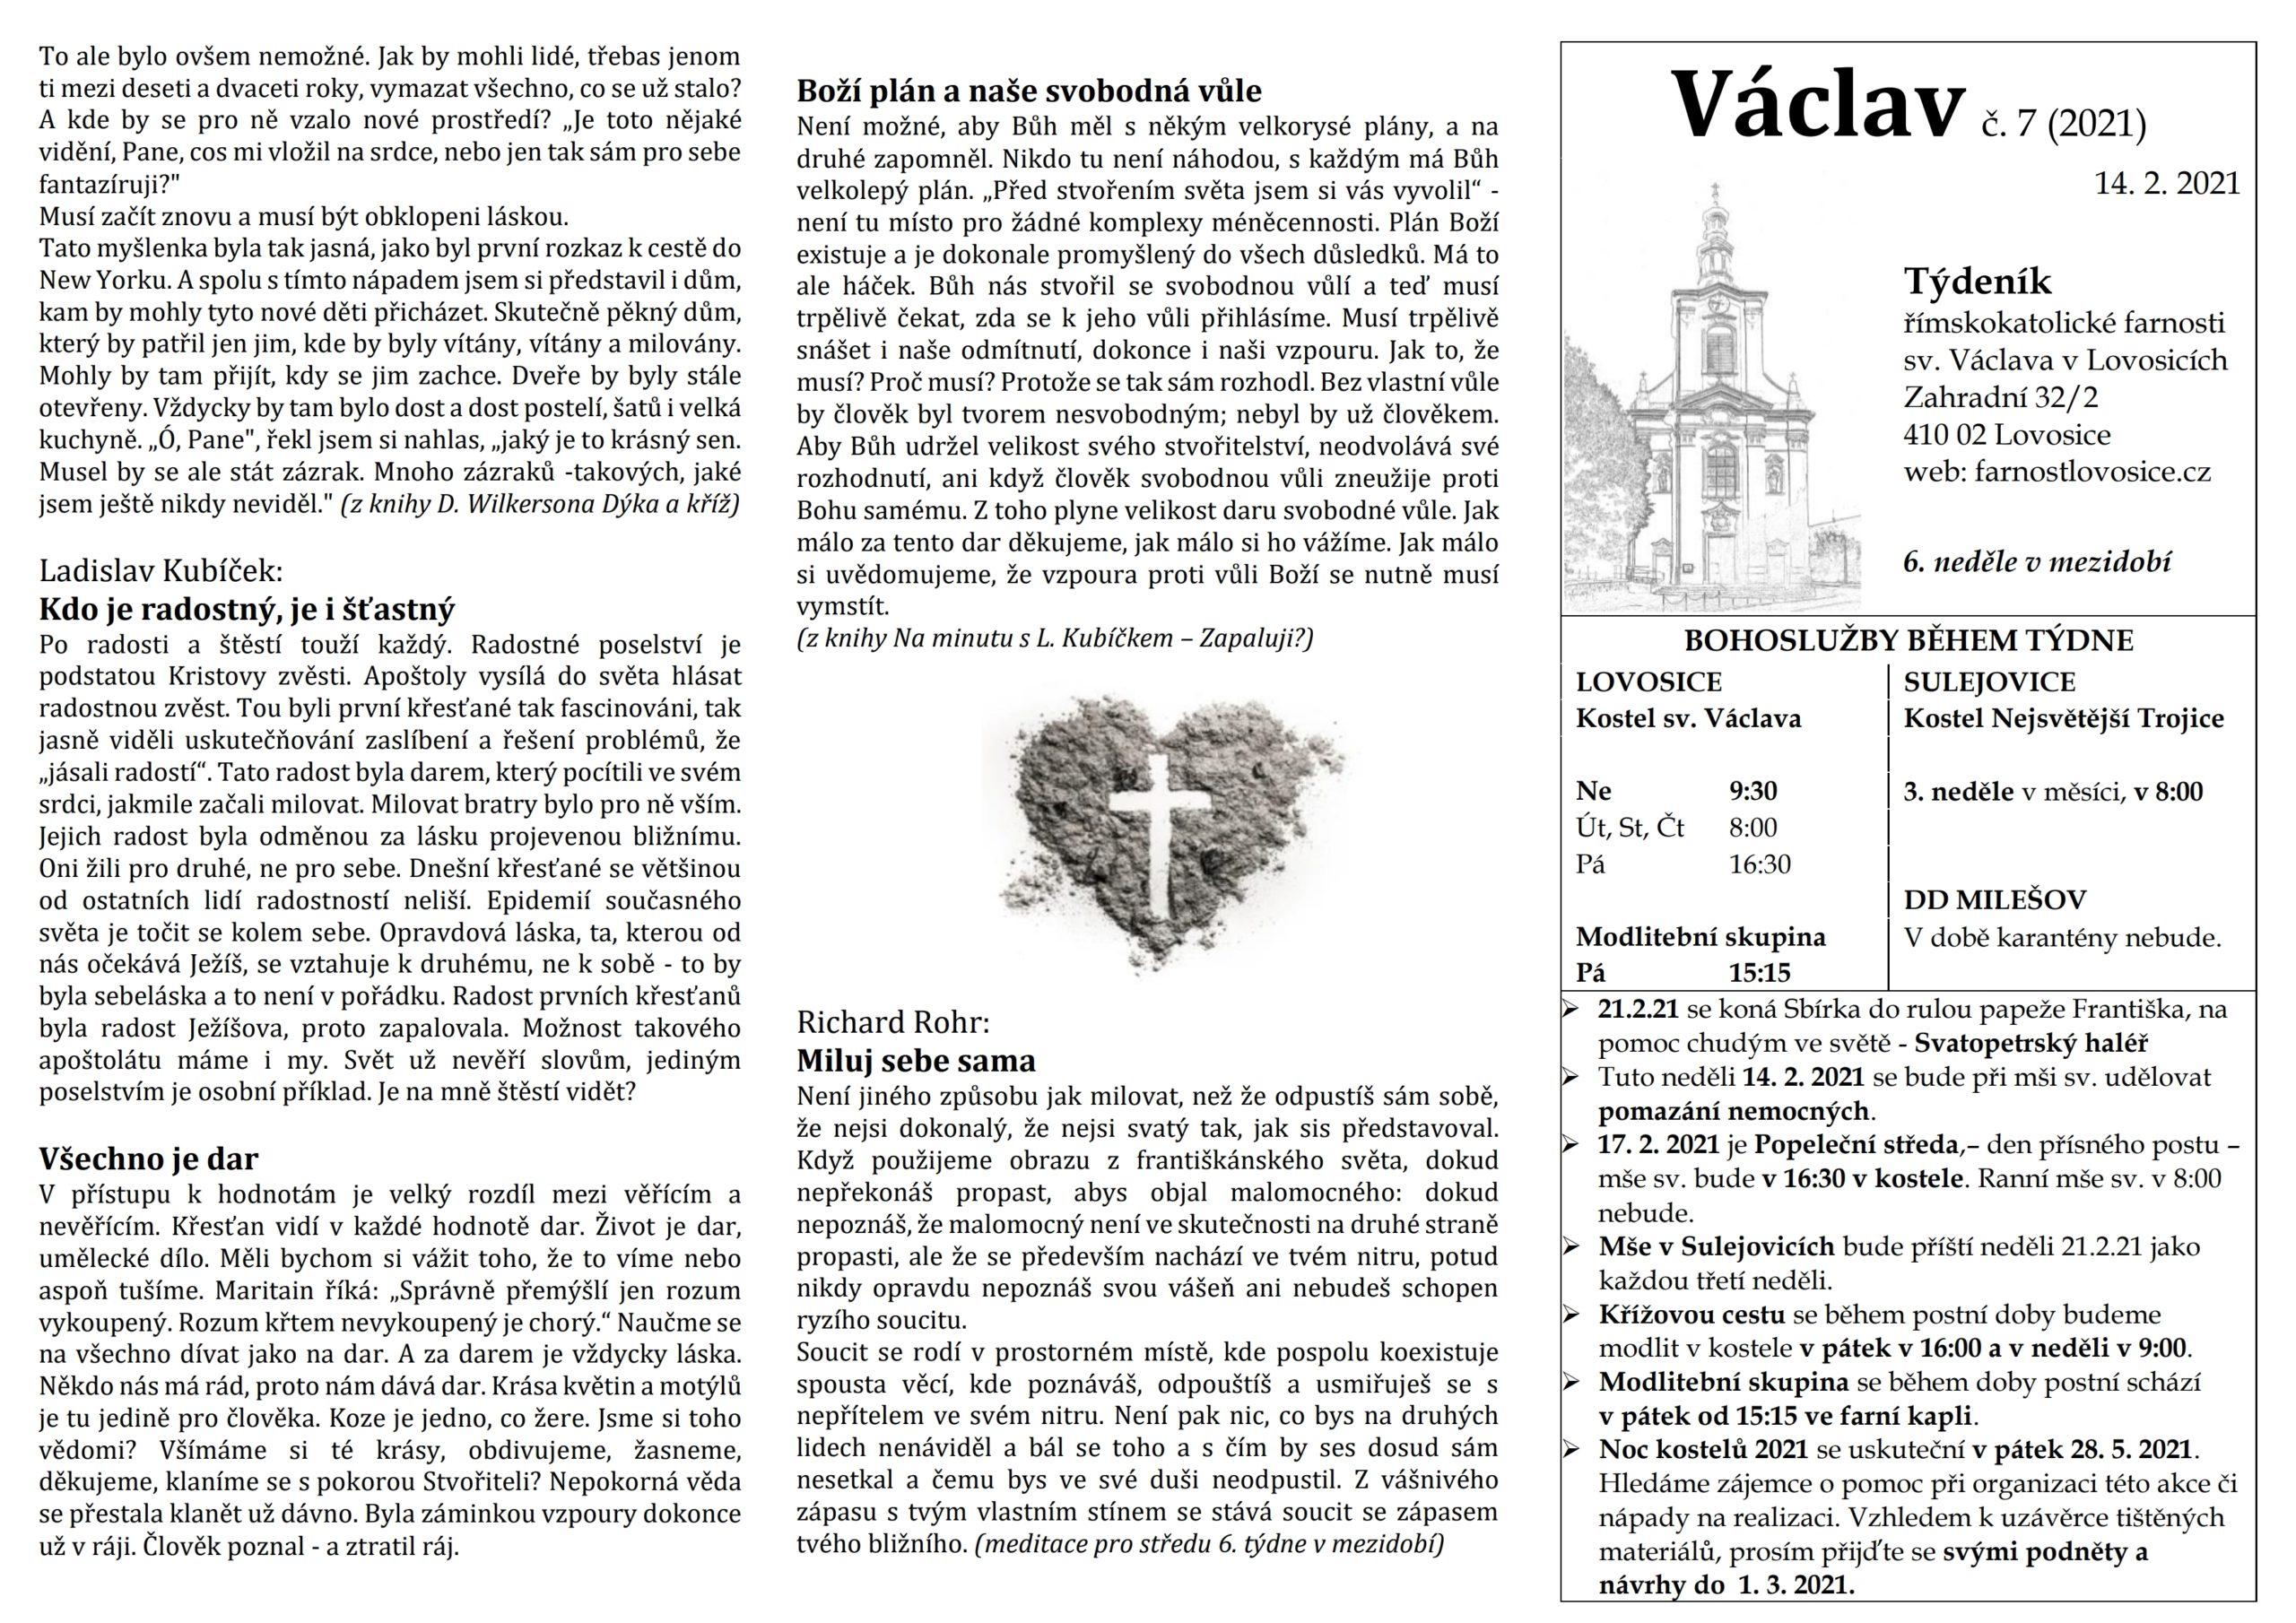 Václav 07.2021